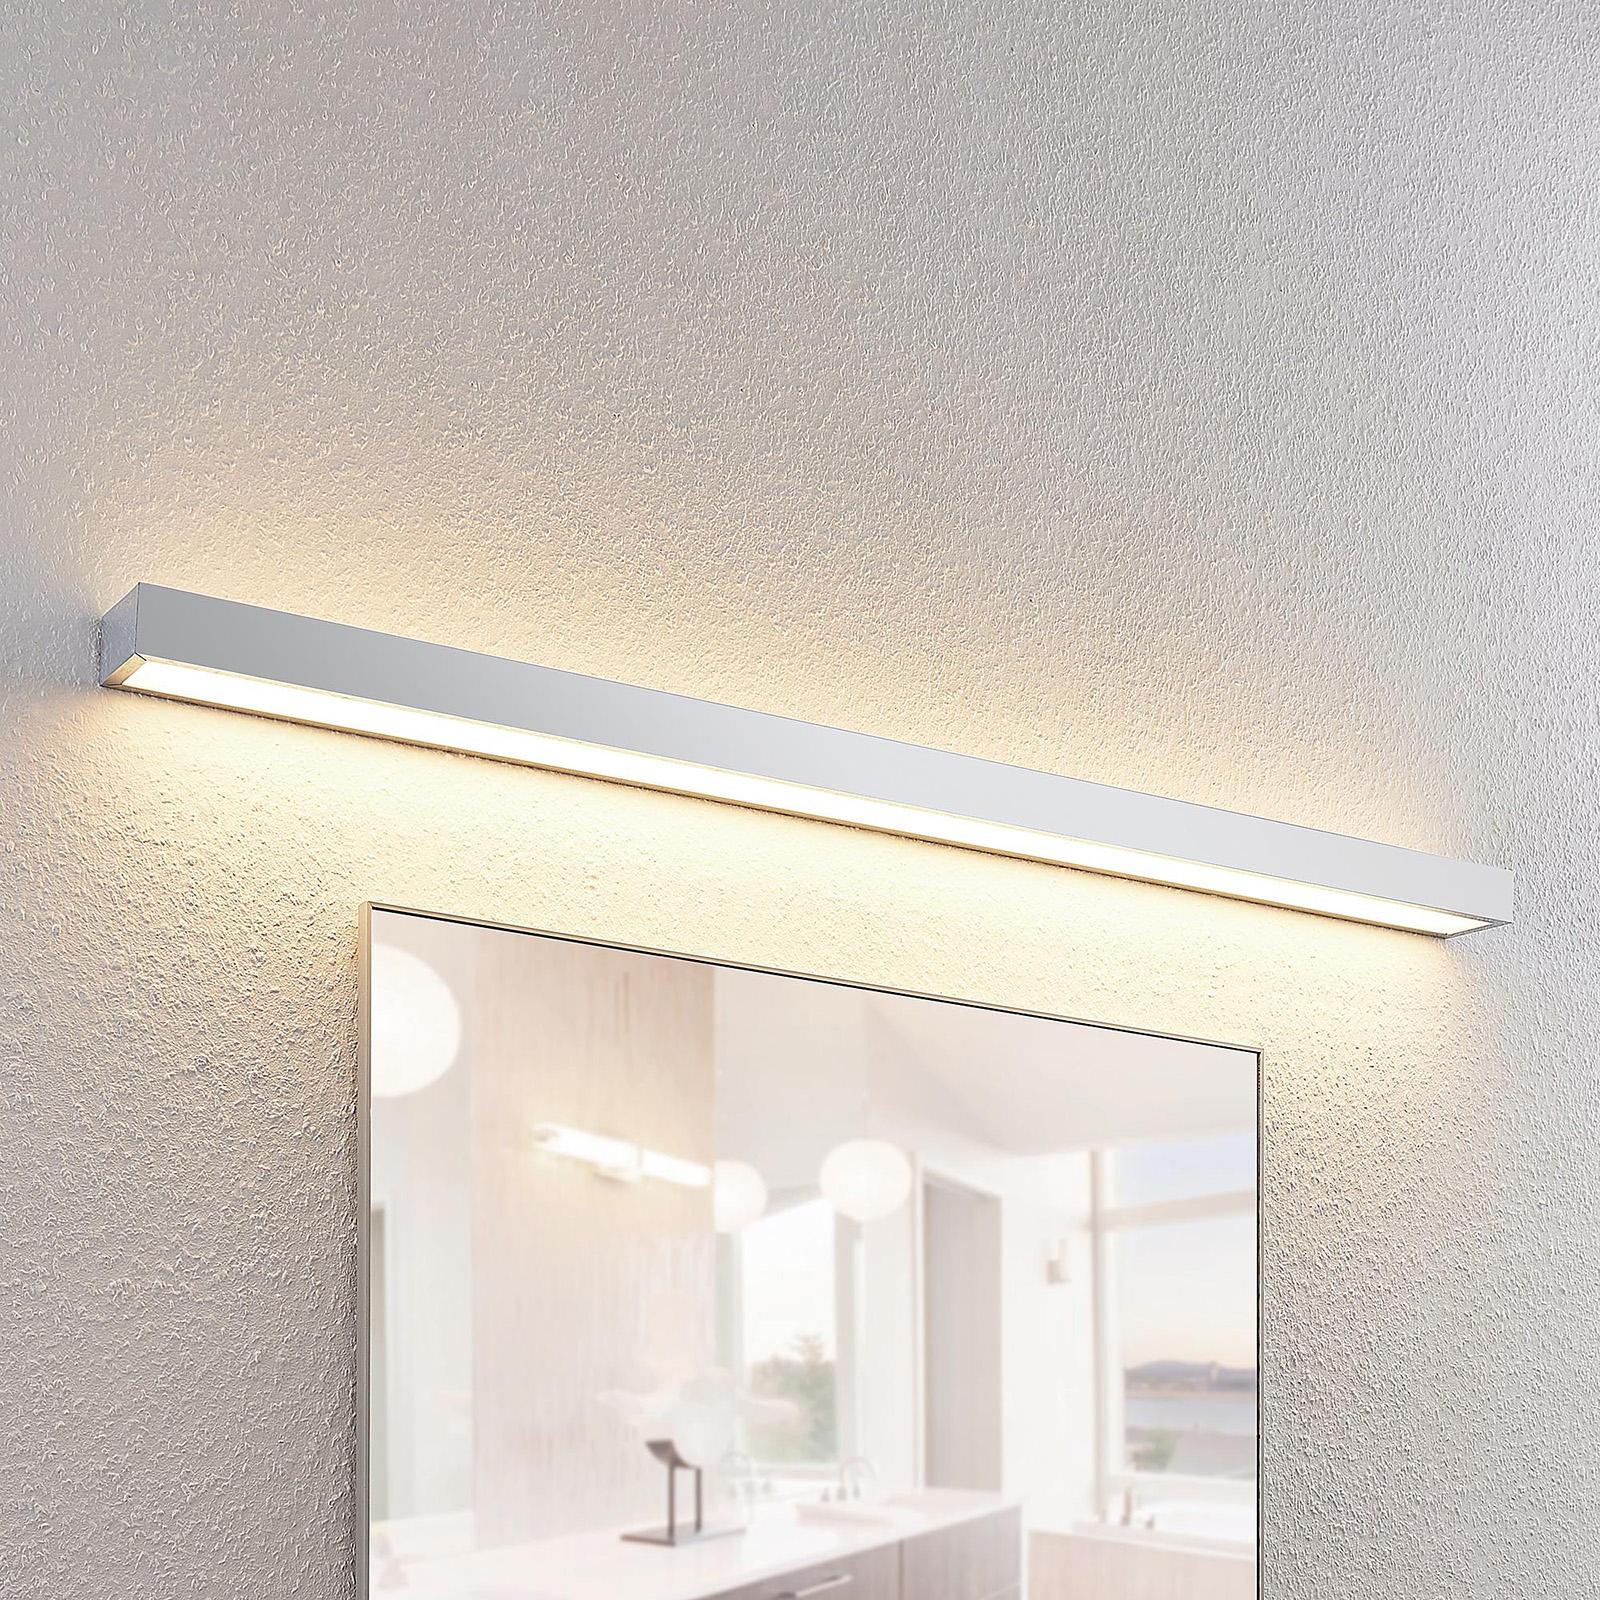 Lindby Layan kinkiet LED do łazienki, chrom 120 cm